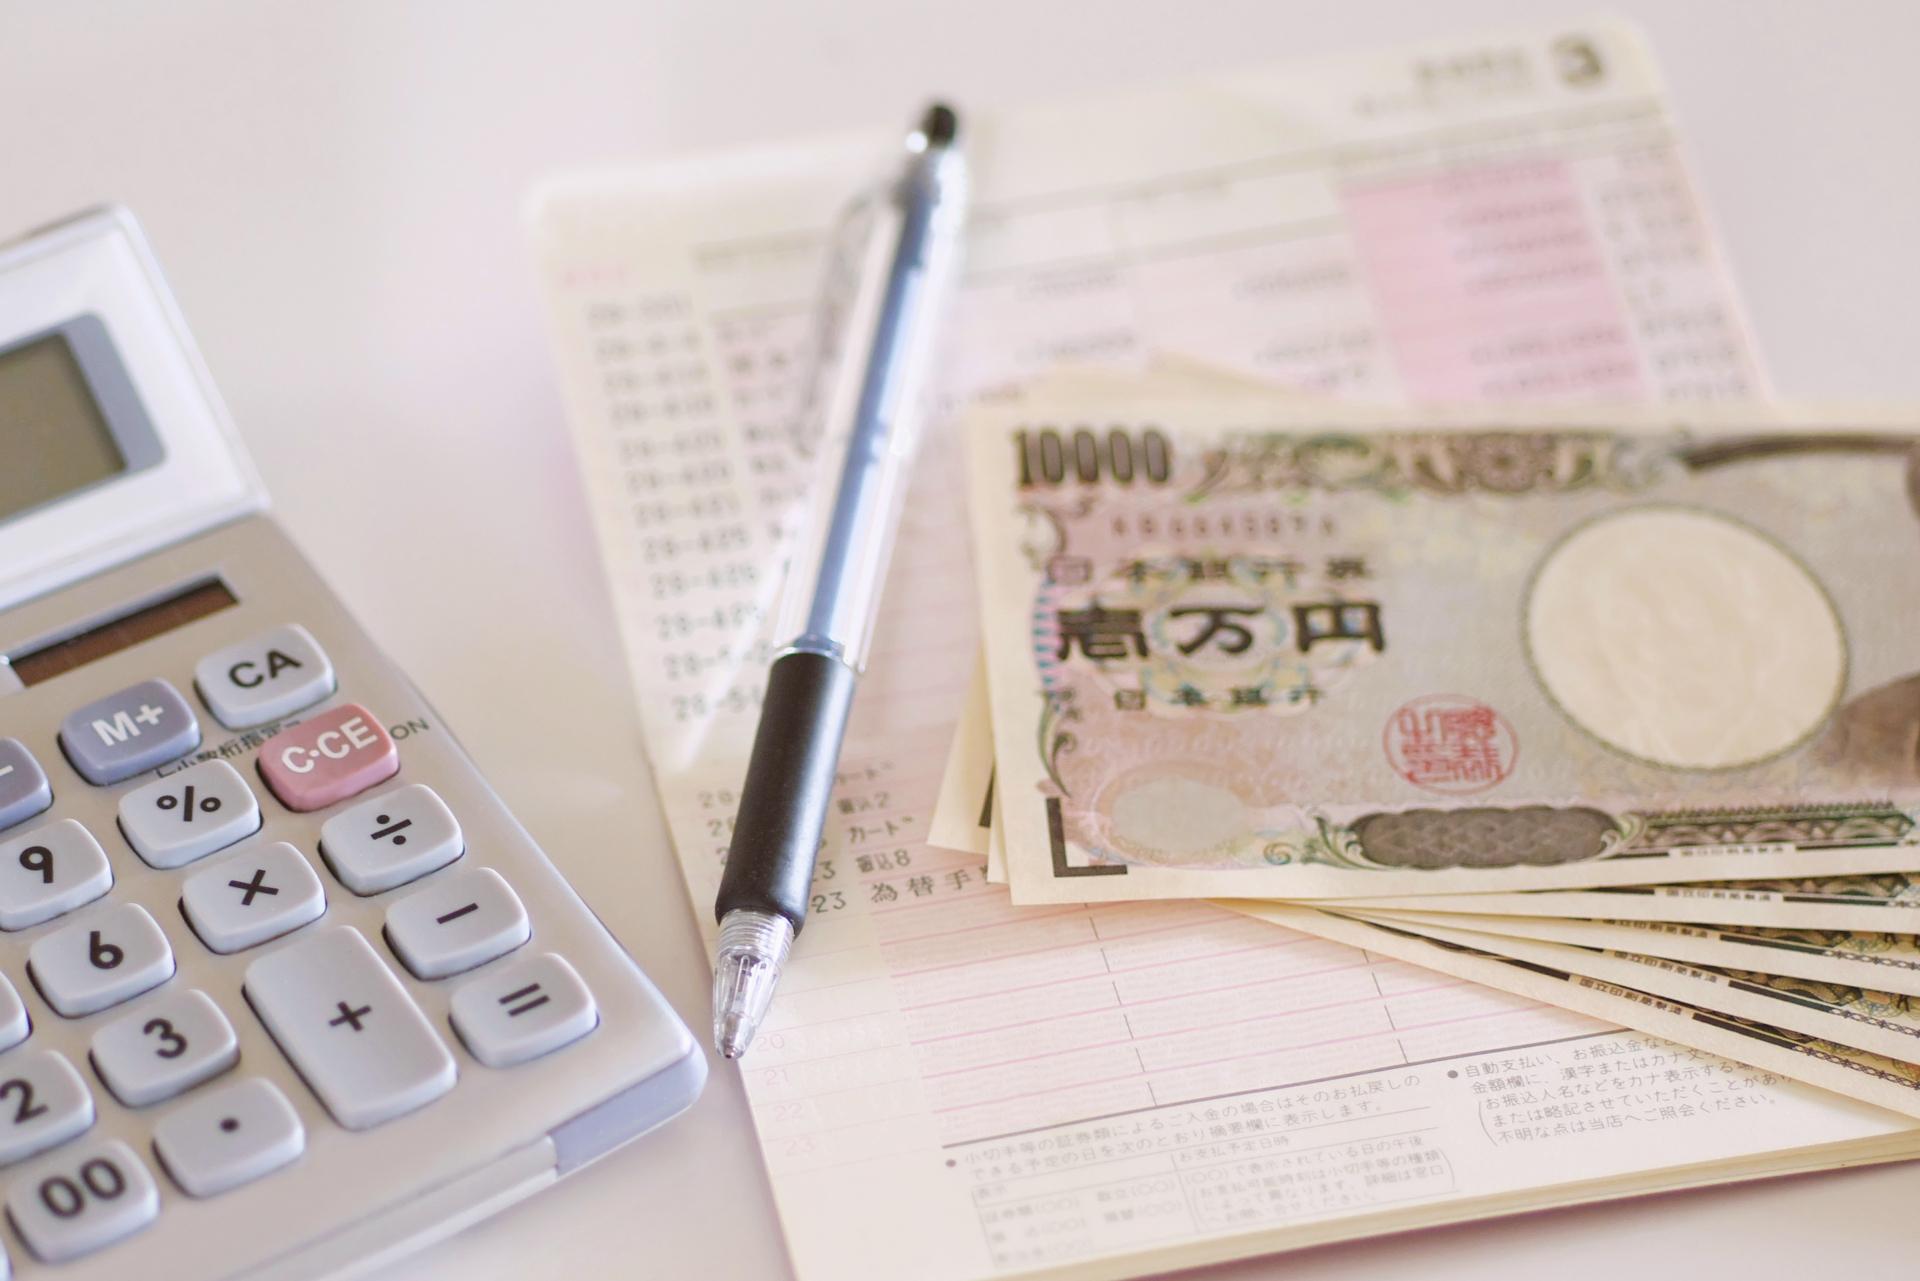 銀行融資を受けるときの注意点。 金利を把握してしっかりとした計画を